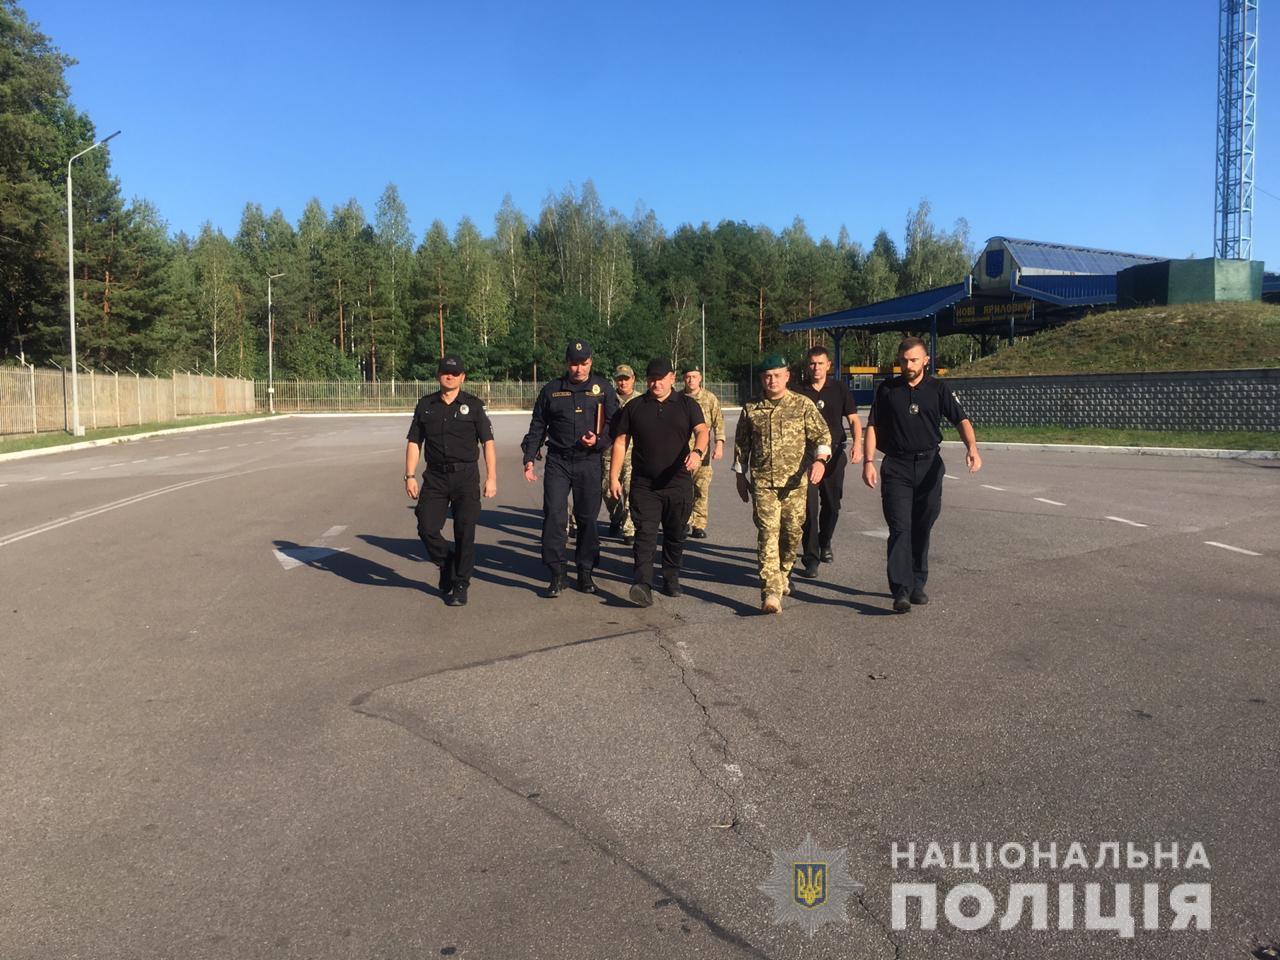 На Чернігівщині правоохоронці розробили алгоритм дій на випадок загострення ситуації на кордоні (Фото)